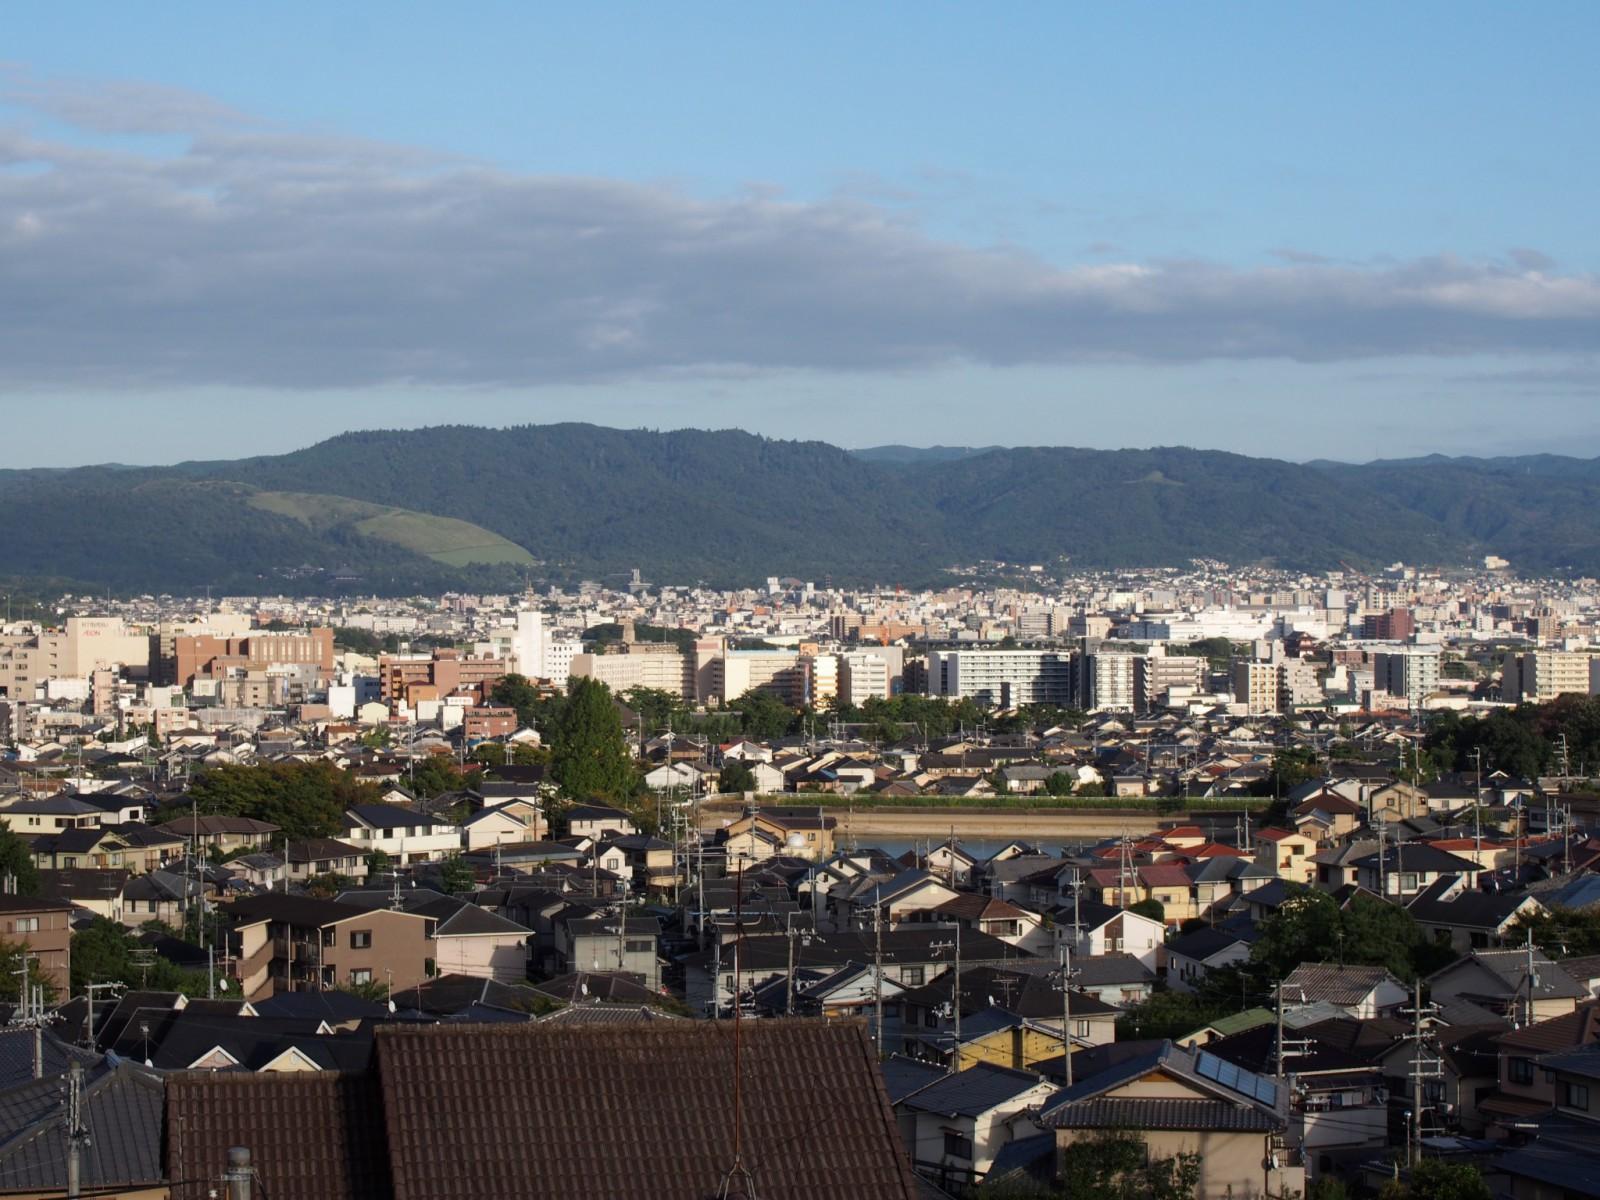 鷹塚山地蔵尊から奈良市街地・若草山方面を望む